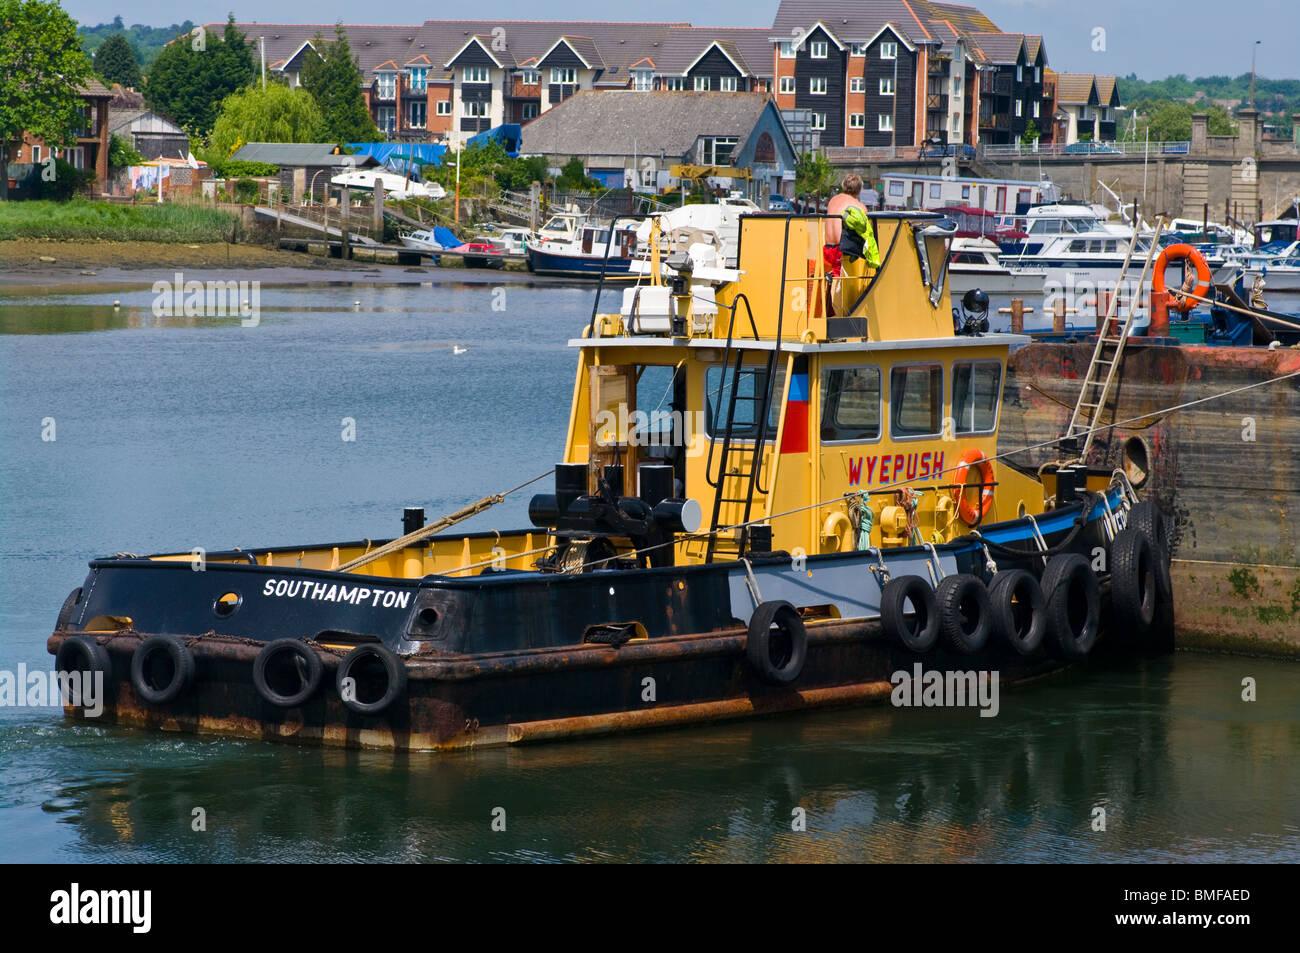 The Wyepush Tug boat uk tugs - Stock Image